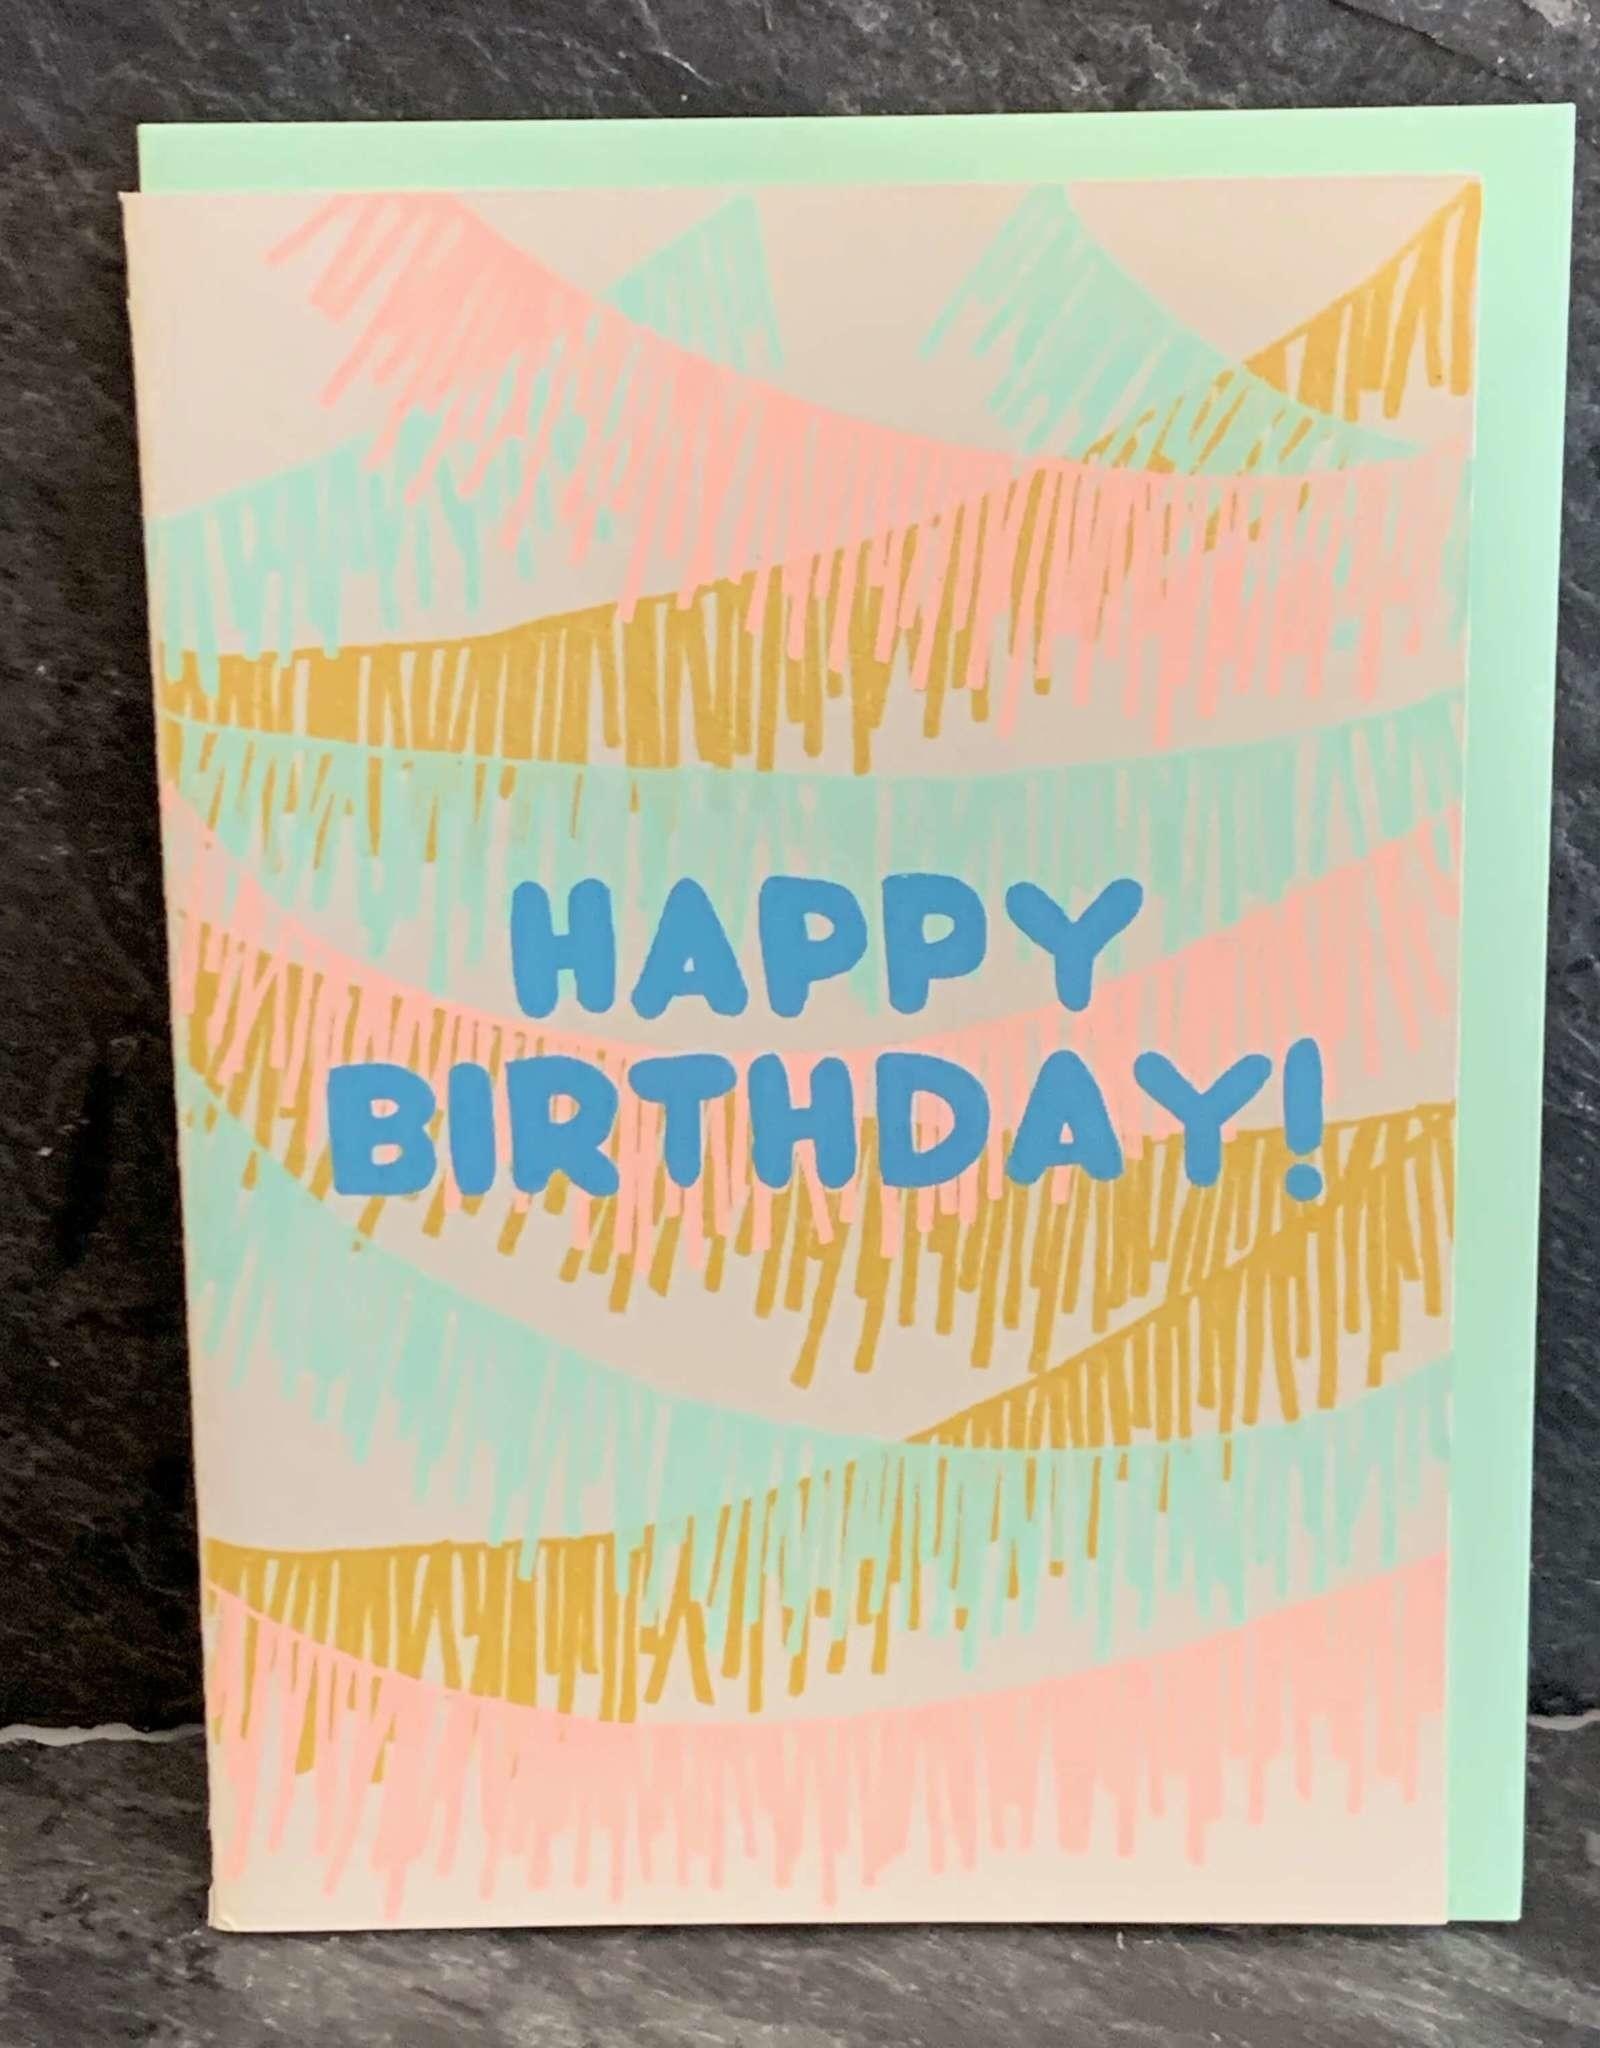 Gold Teeth Brooklyn Birthday Fringe Birthday Card